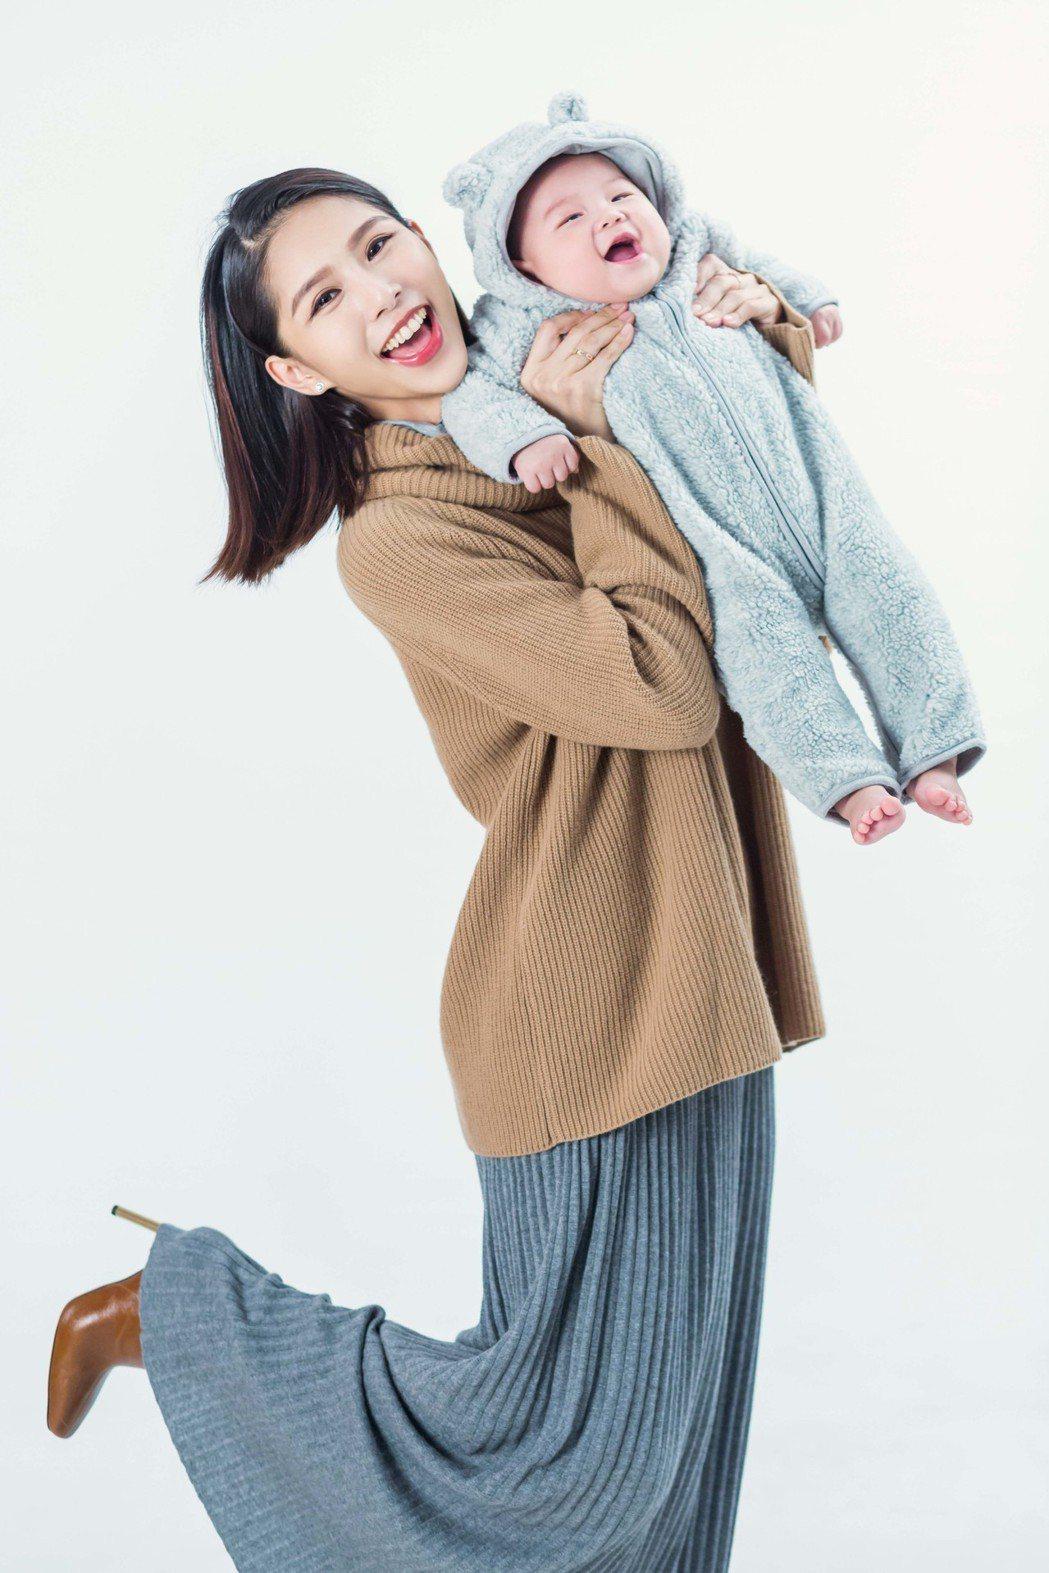 詹乃蓁認為媽媽的狀態好,就是孩子最好的身教。圖/媽媽寶寶雜誌提供